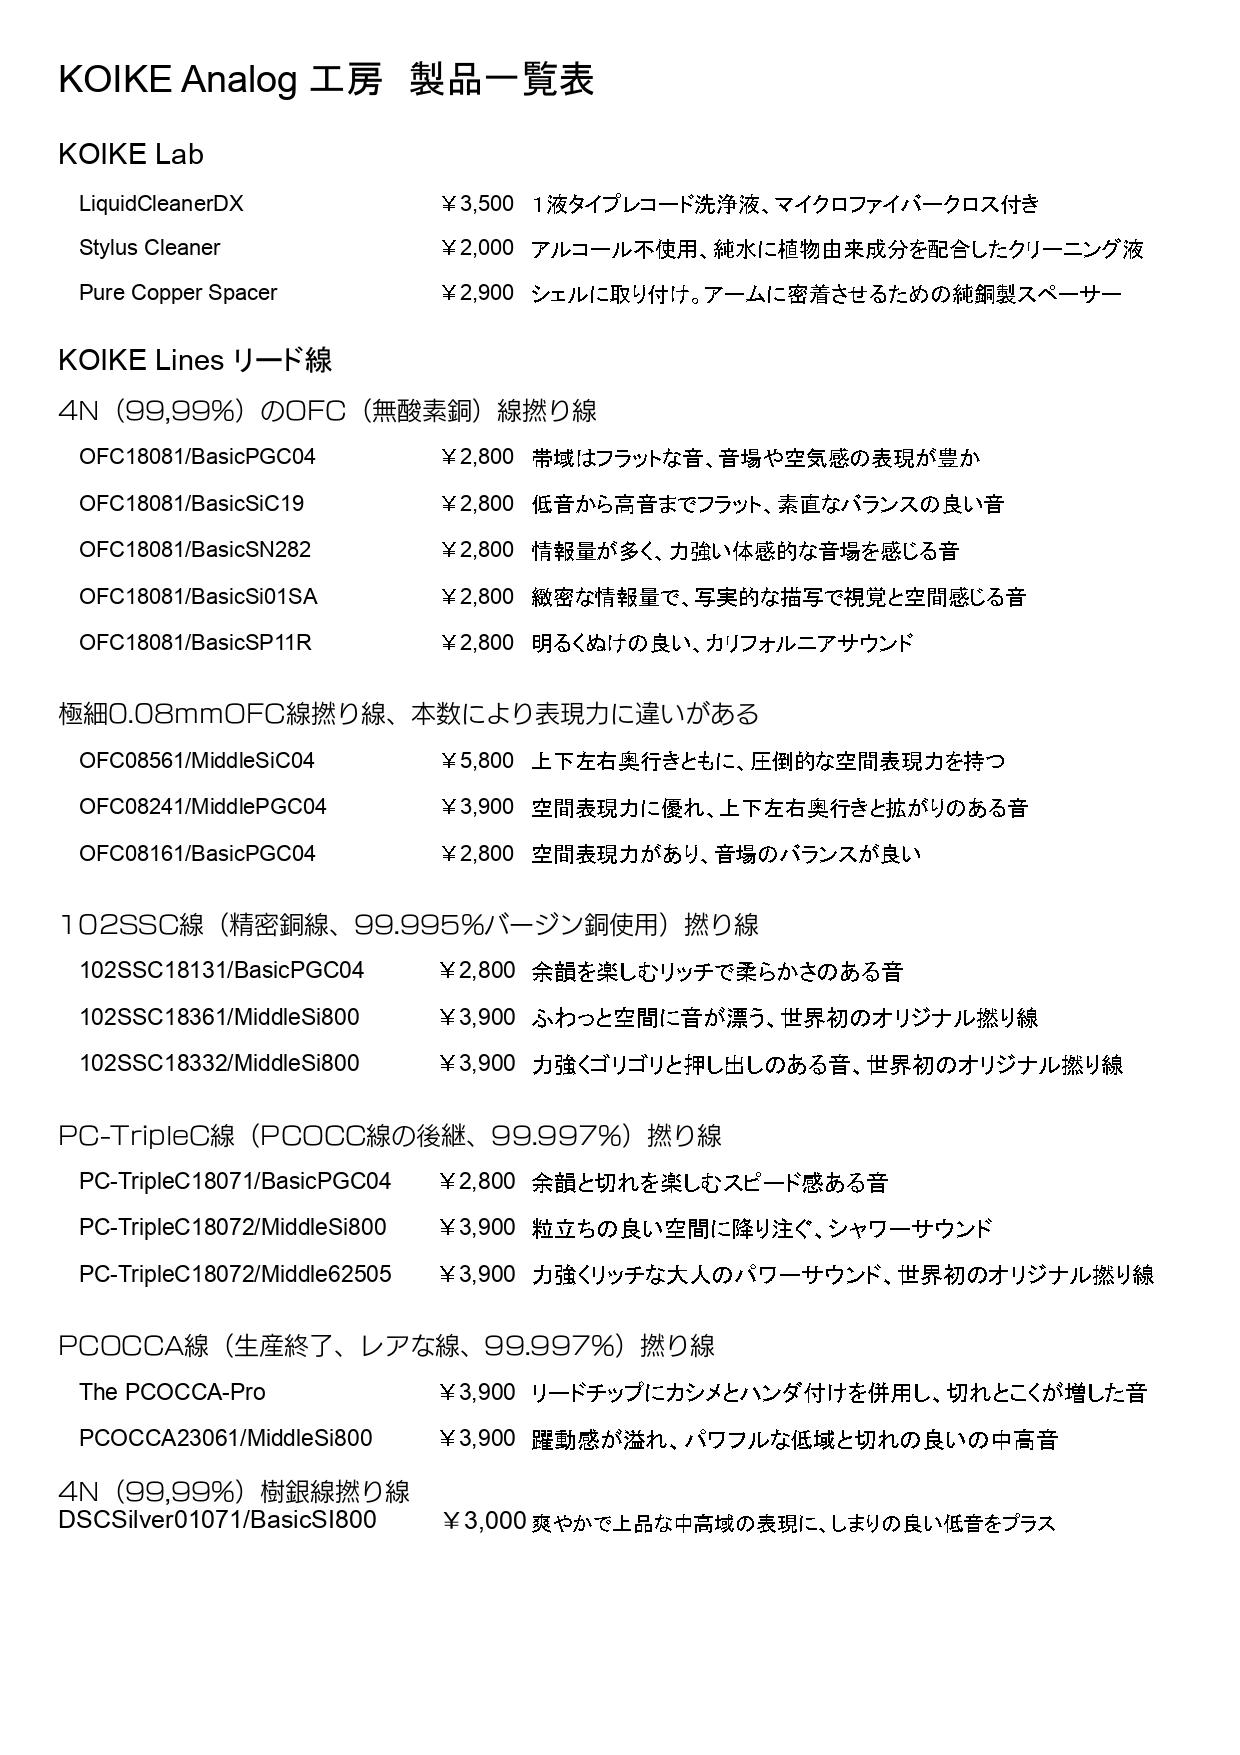 KOIKE-Analog工房製品一覧_page-0001